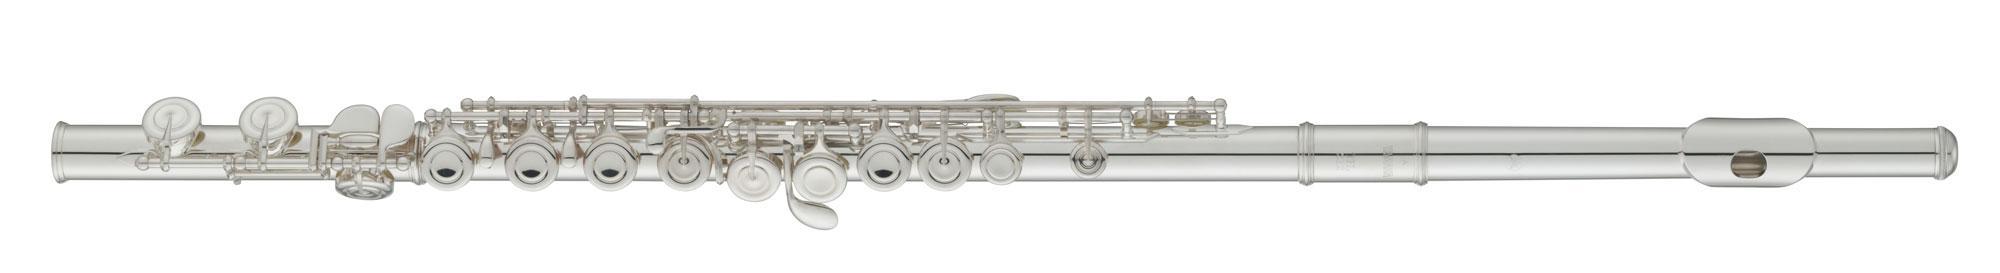 Sonstigeblasinstrumente - Yamaha YFL 212SL Querflöte Neusilber Silberne Mundlochplatte - Onlineshop Musikhaus Kirstein